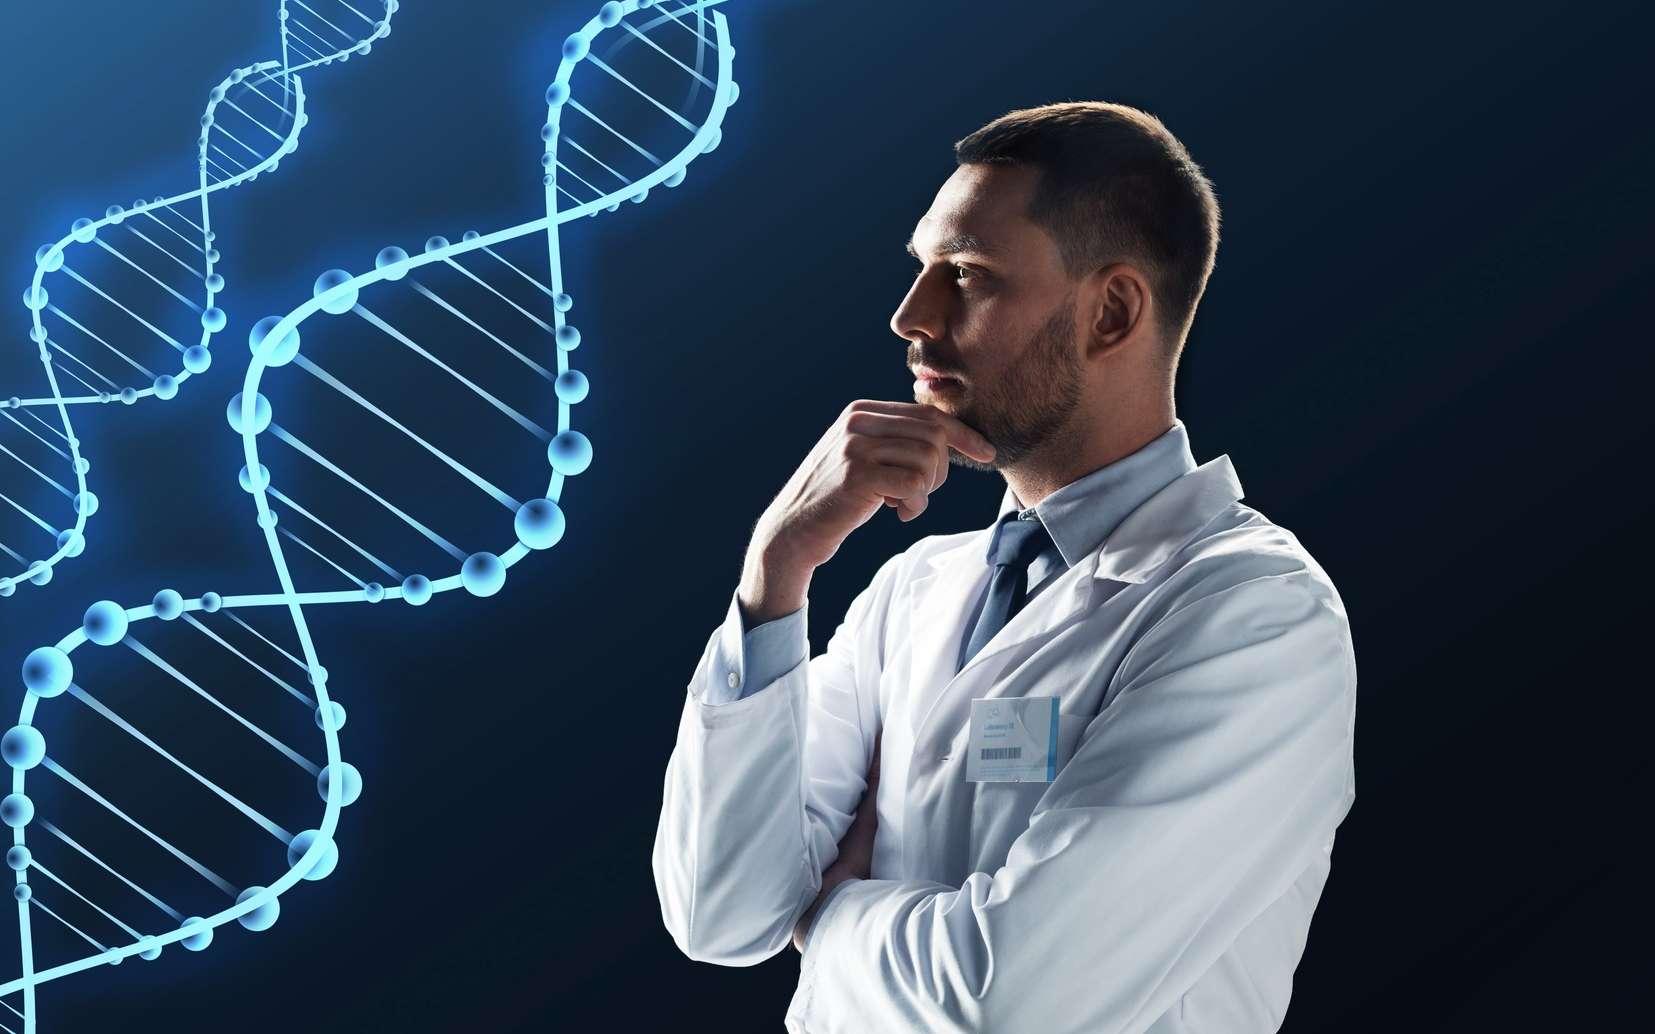 Le code génétique établit la correspondance entre un acide aminé et un triplet de nucléotides. © Syda Productions, Fotolia